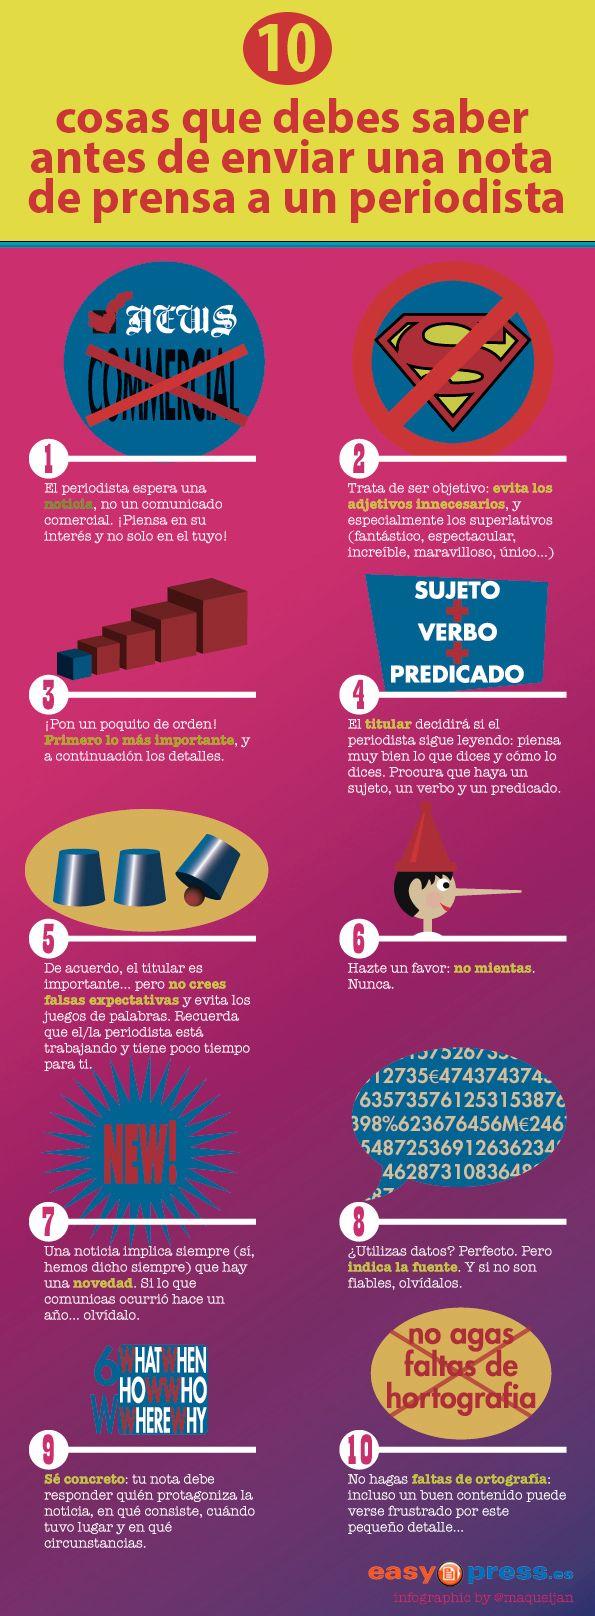 10 Cosas Que Debes Saber Antes De Enviar Una Nota De Prensa A Un Periodista Nota De Prensa Comunicacion Y Marketing Prensa